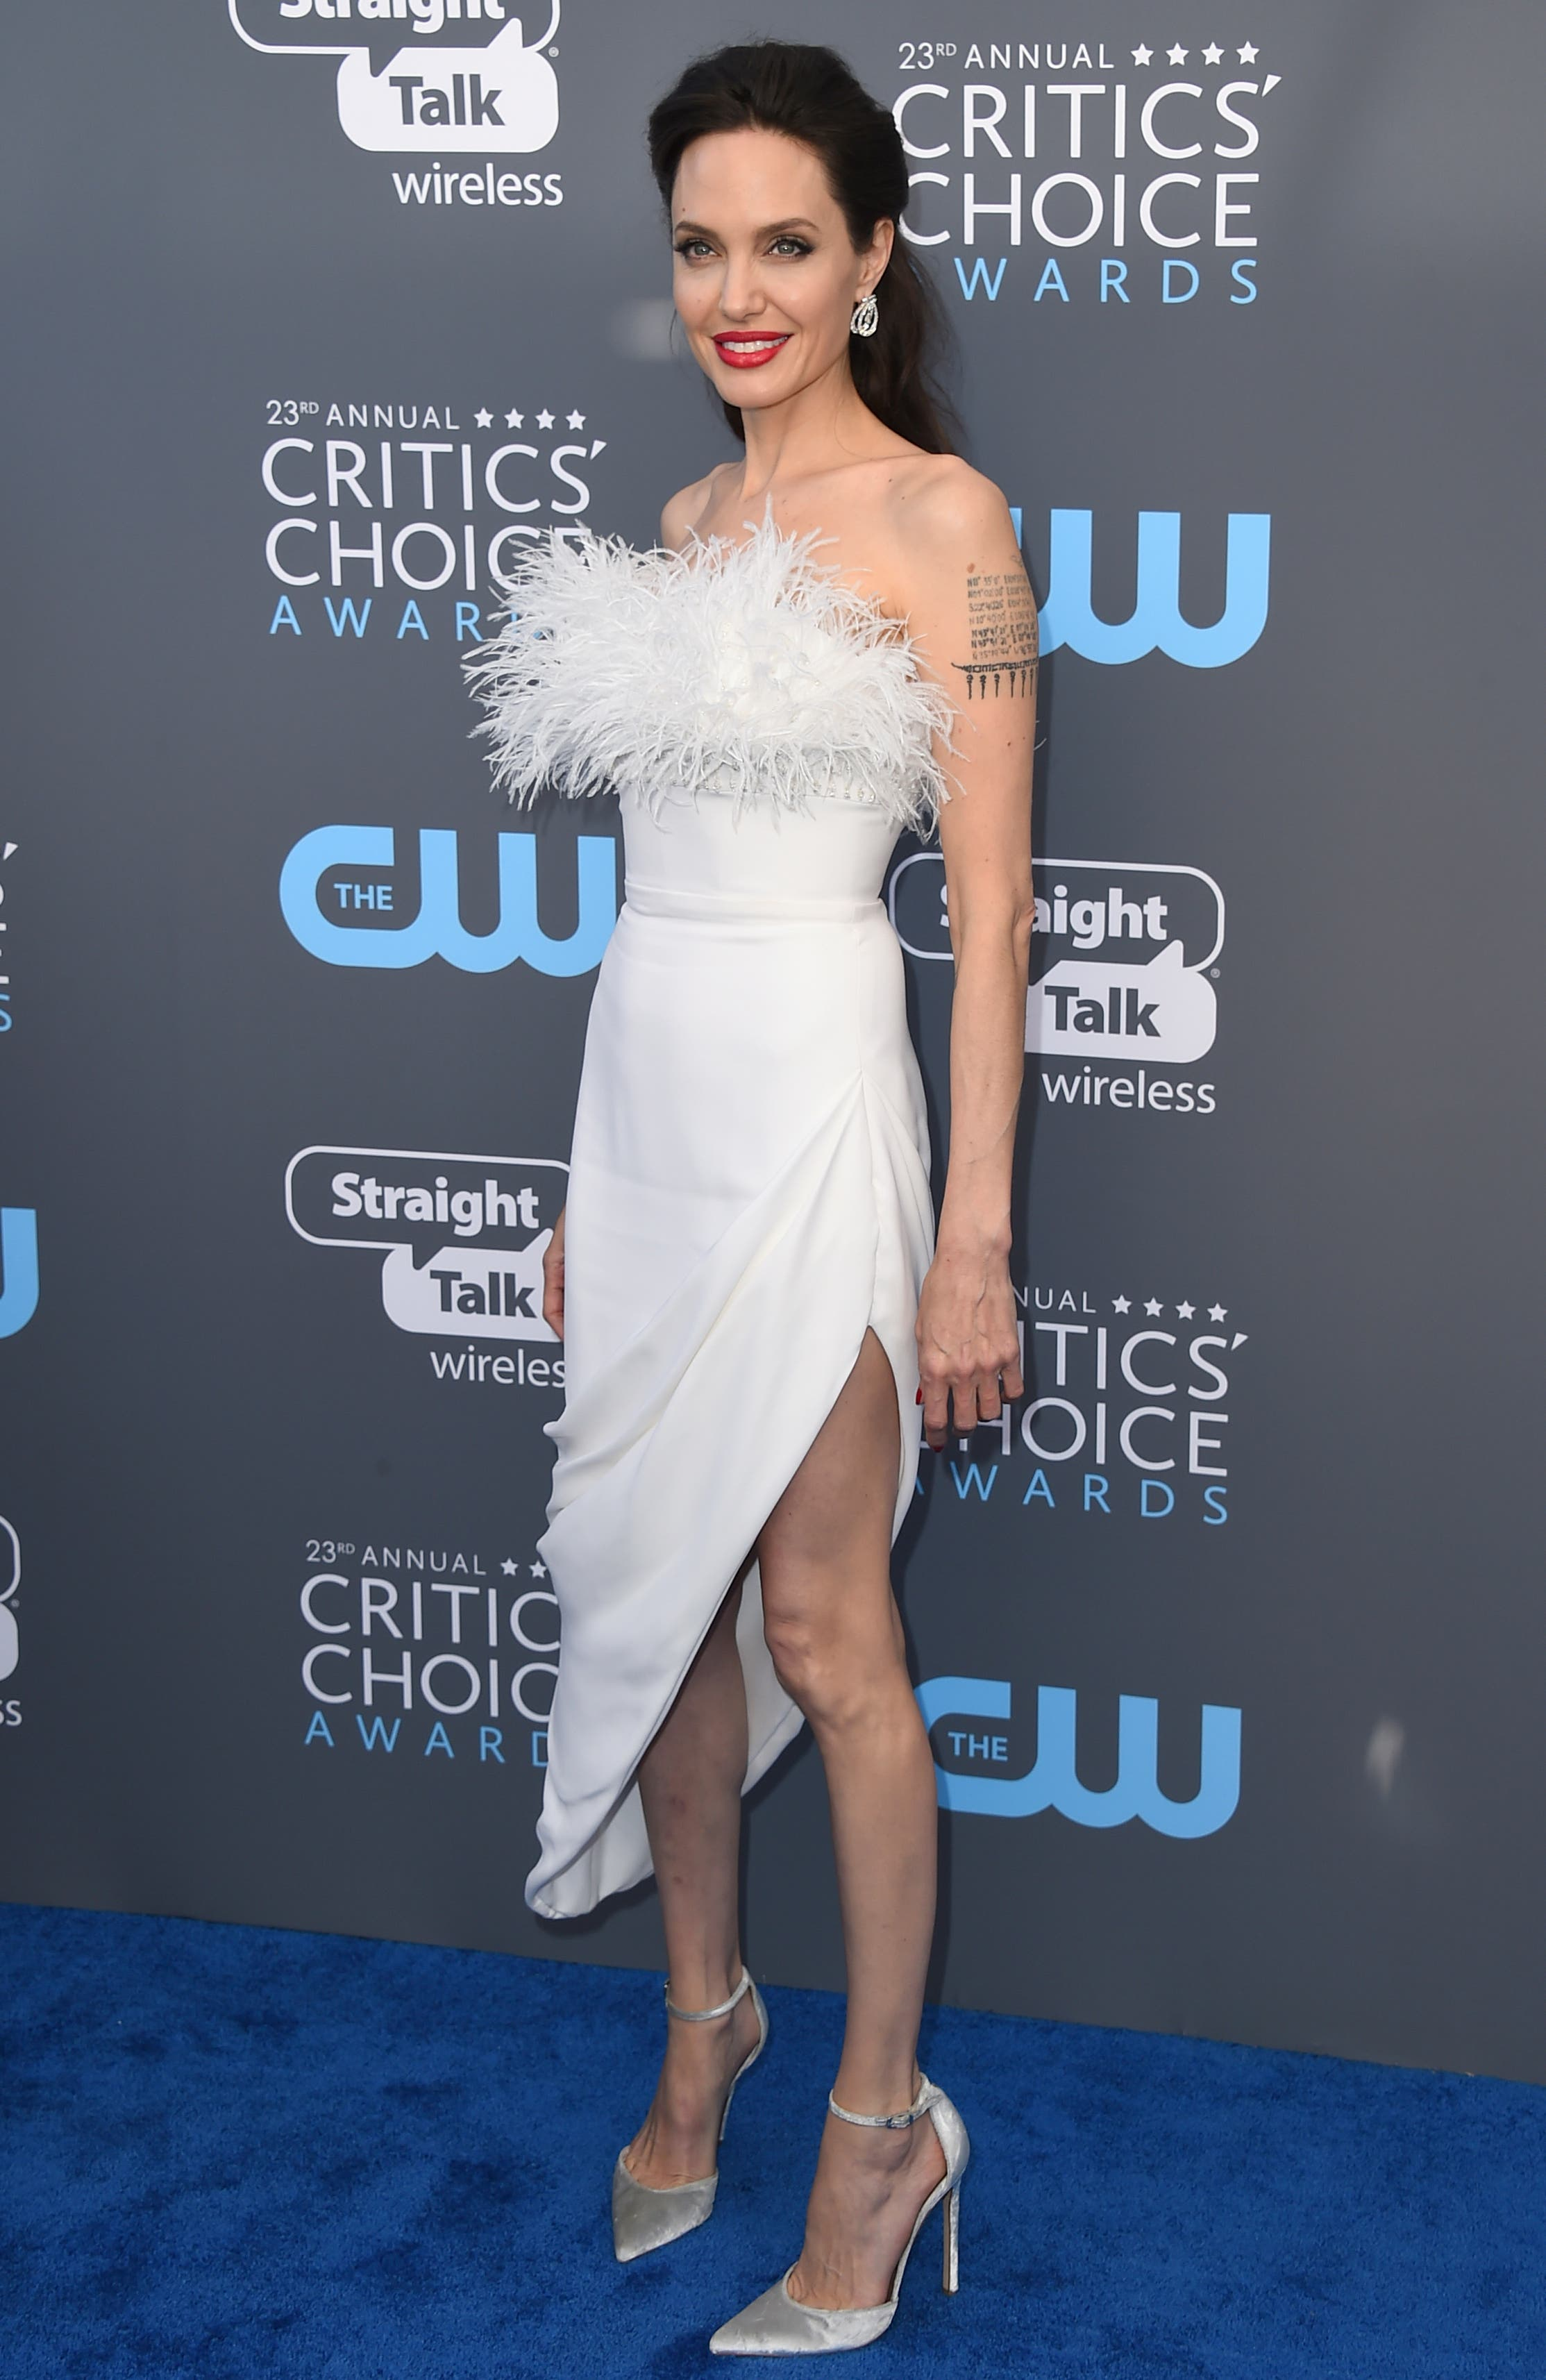 Schauspielerin Angelina Jolie auf einer Aufnahme vom 11, Januar dieses Jahres am Critics' Choice Awards in Santa Monica, Kalifornien. (Bild: Jordan Strauss/Invision/AP)